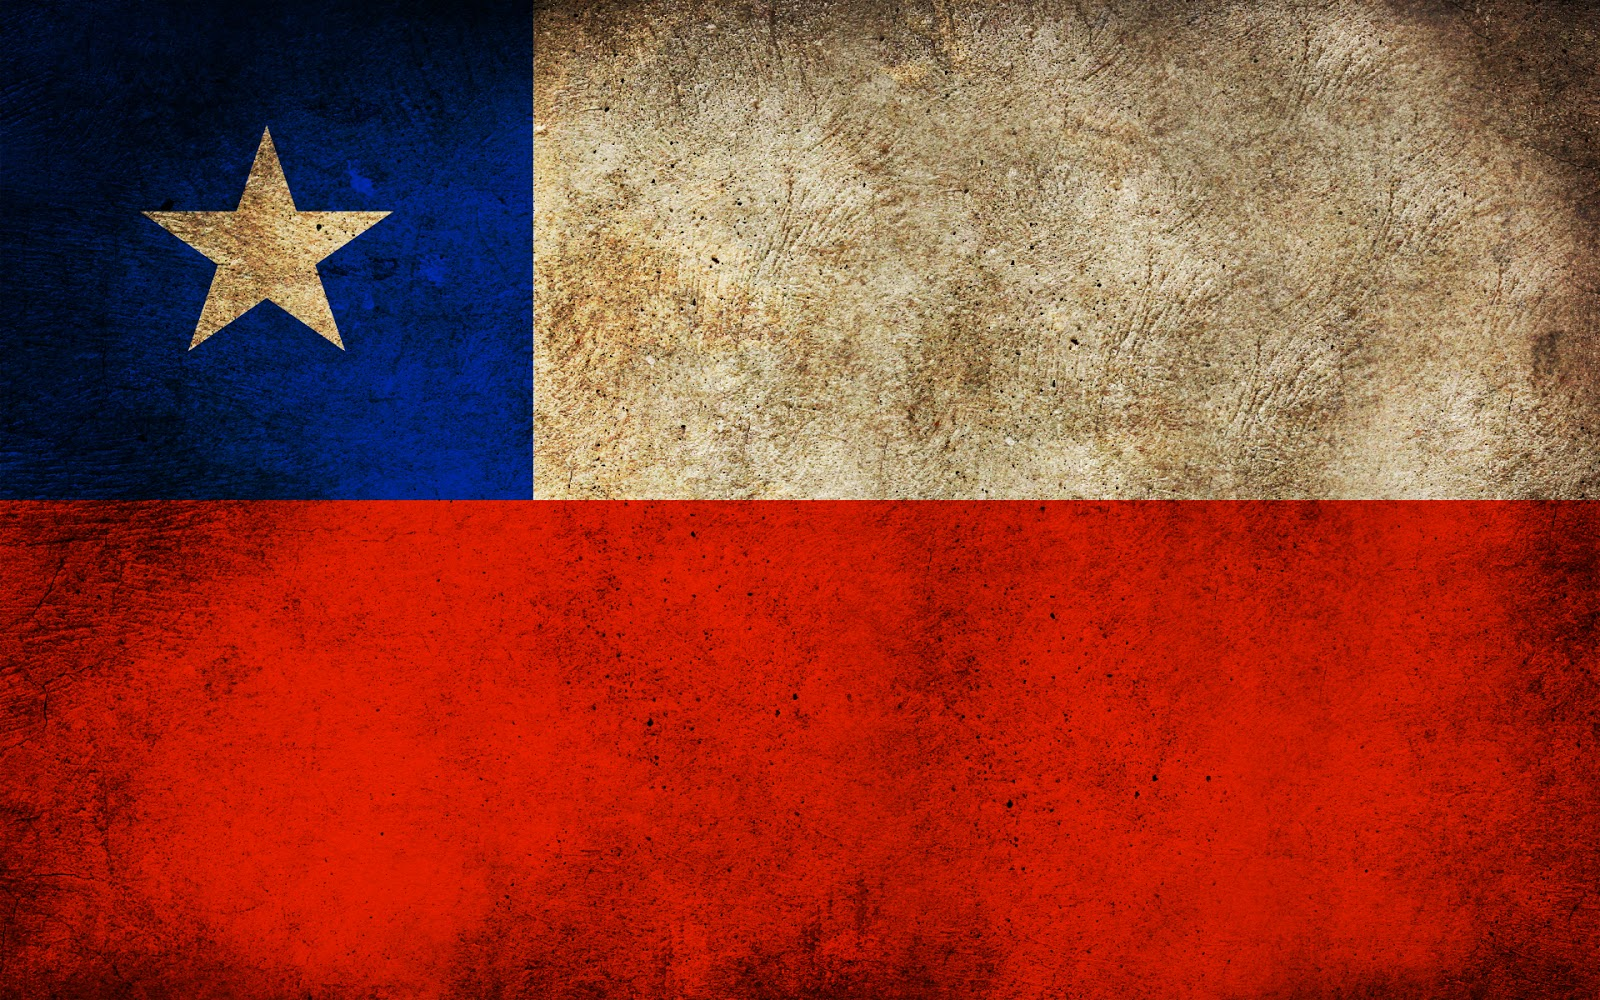 imagenes de banderas hd2 200 Imágenes de Banderas en HD (Wallpapers)